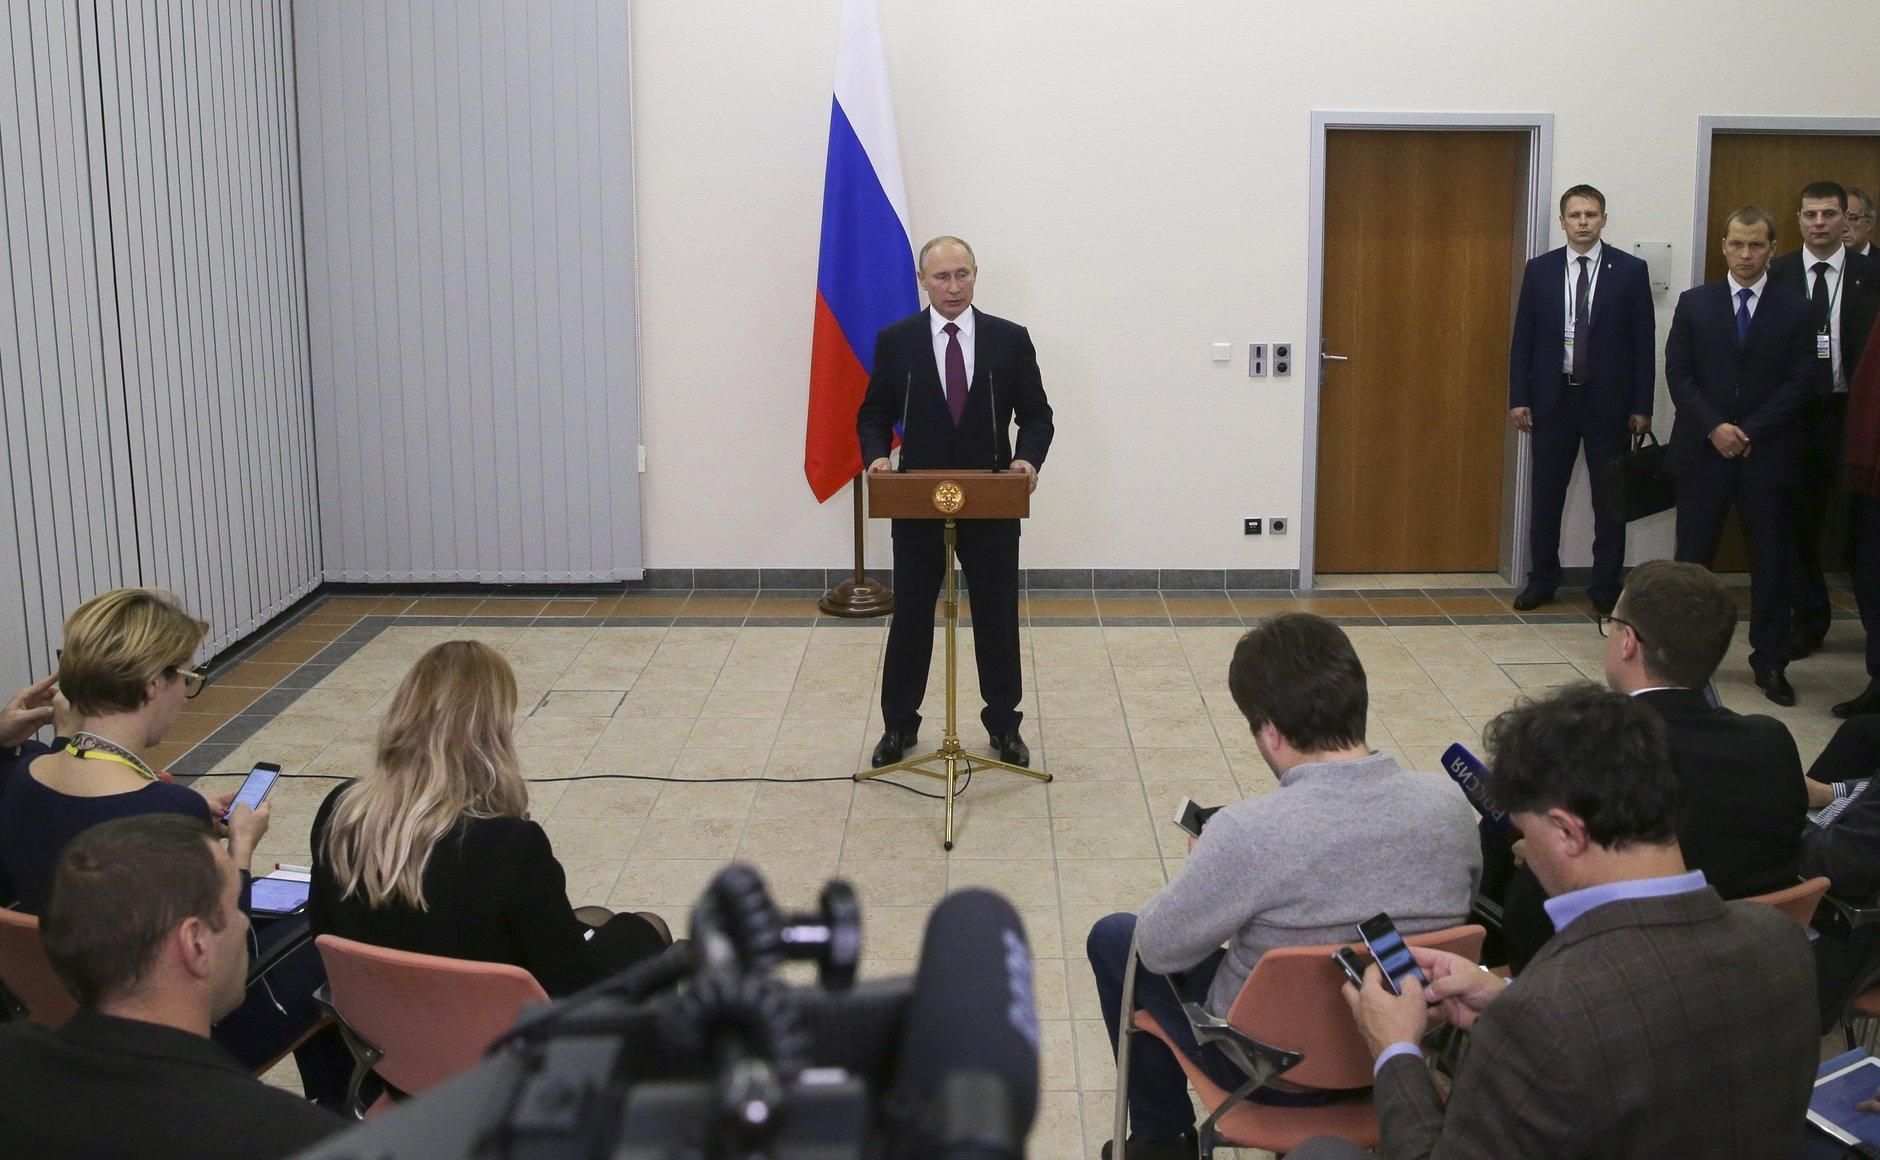 Barat Tuduh Rusia Kembangkan Teleportasi, Putin: Jangan 'Kecewakan' Mereka